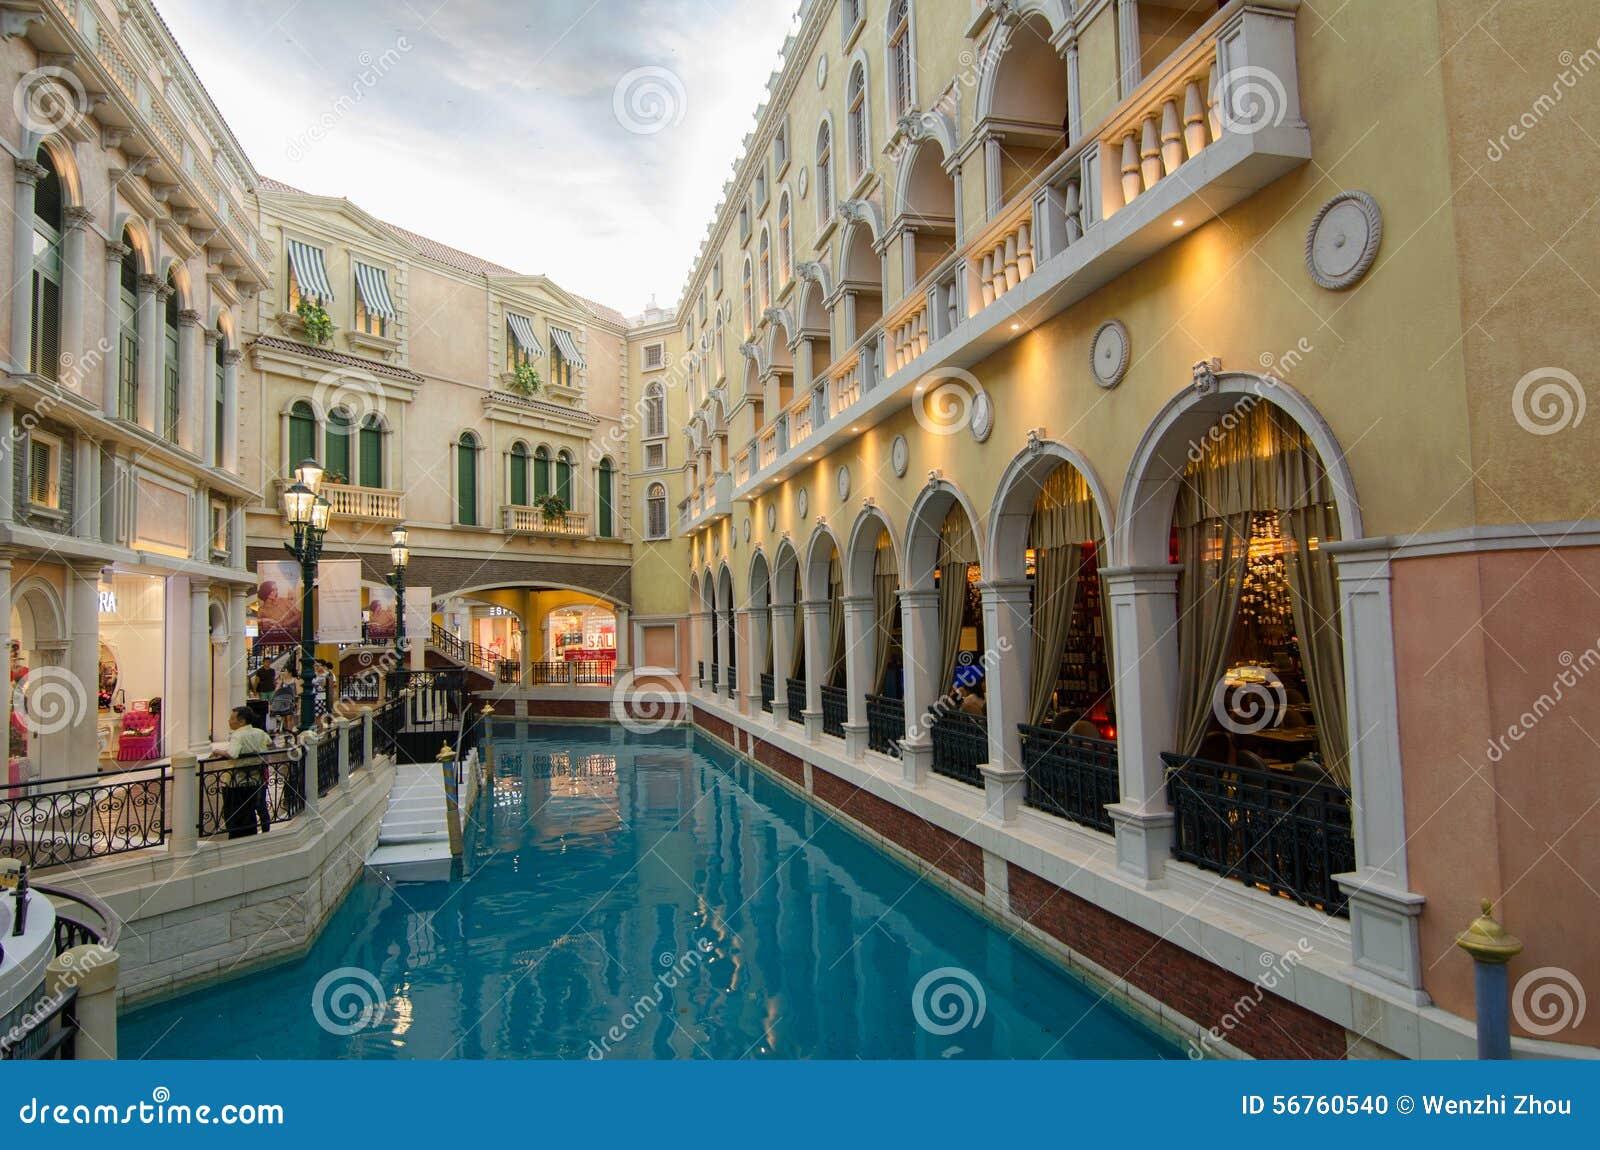 Località Di Soggiorno Di Venezia, Macao, Cina: Immagine Editoriale ...